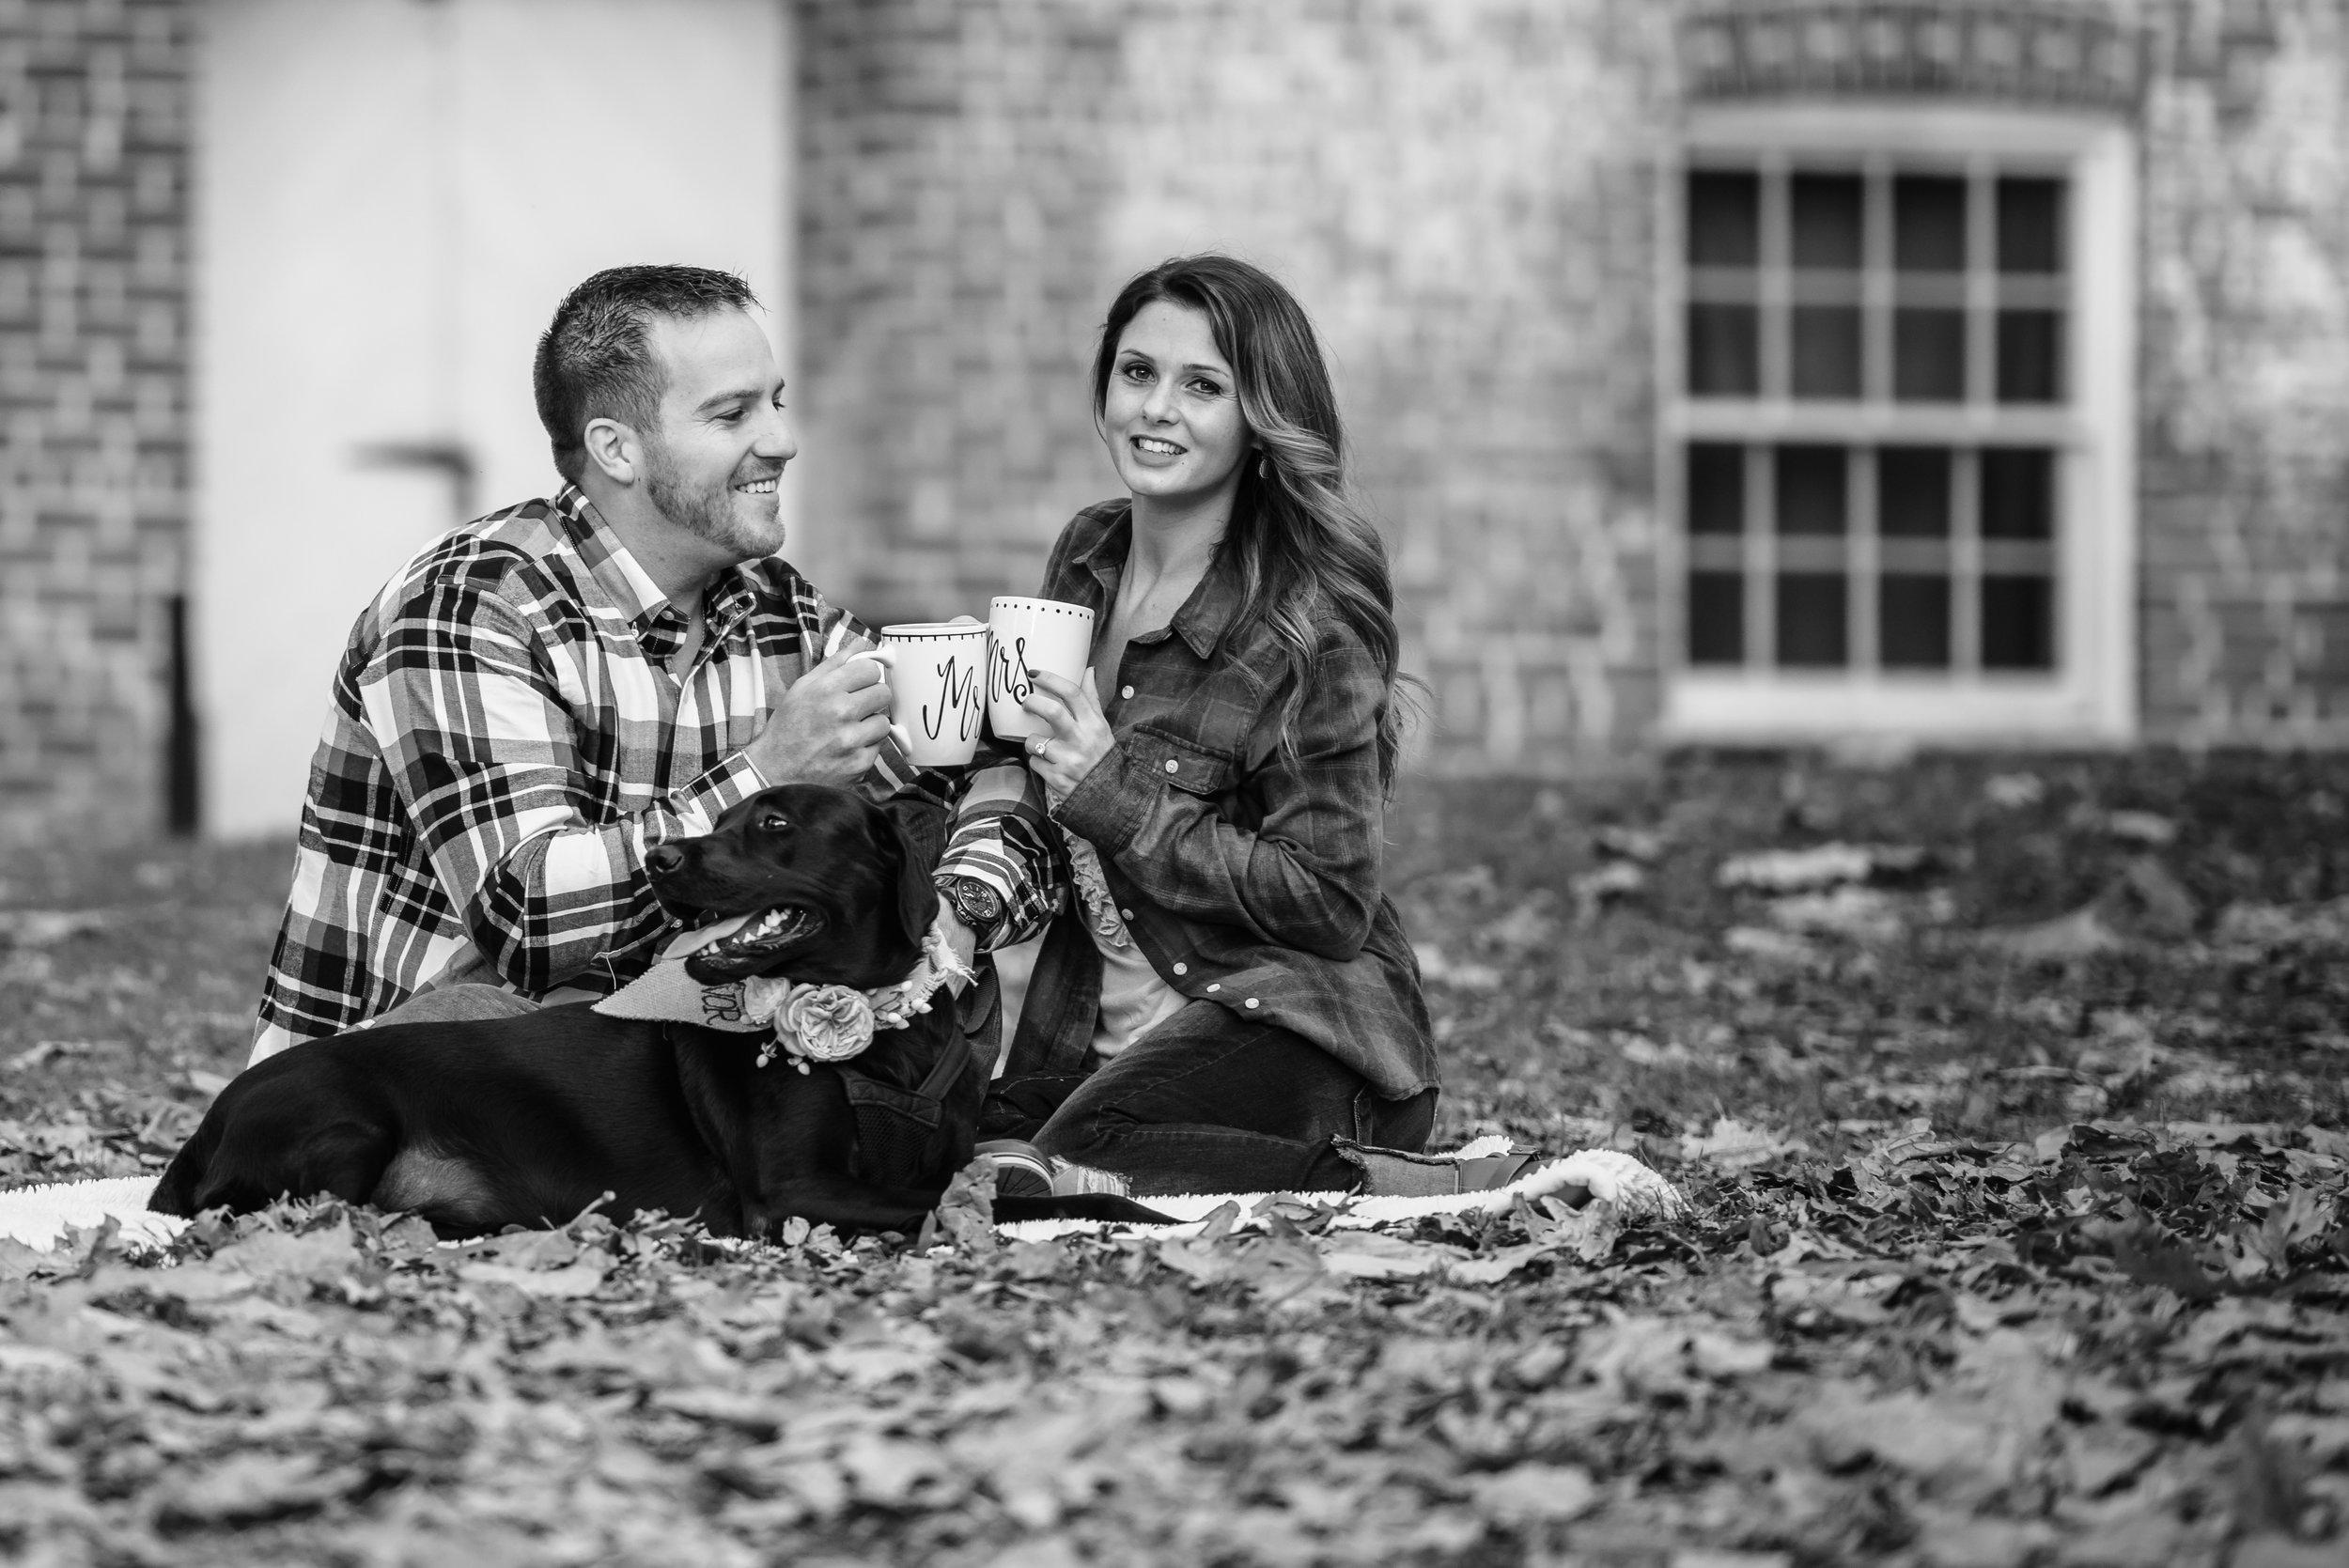 Allaire State Park NJ Engagement Session Chris & Deanna 10